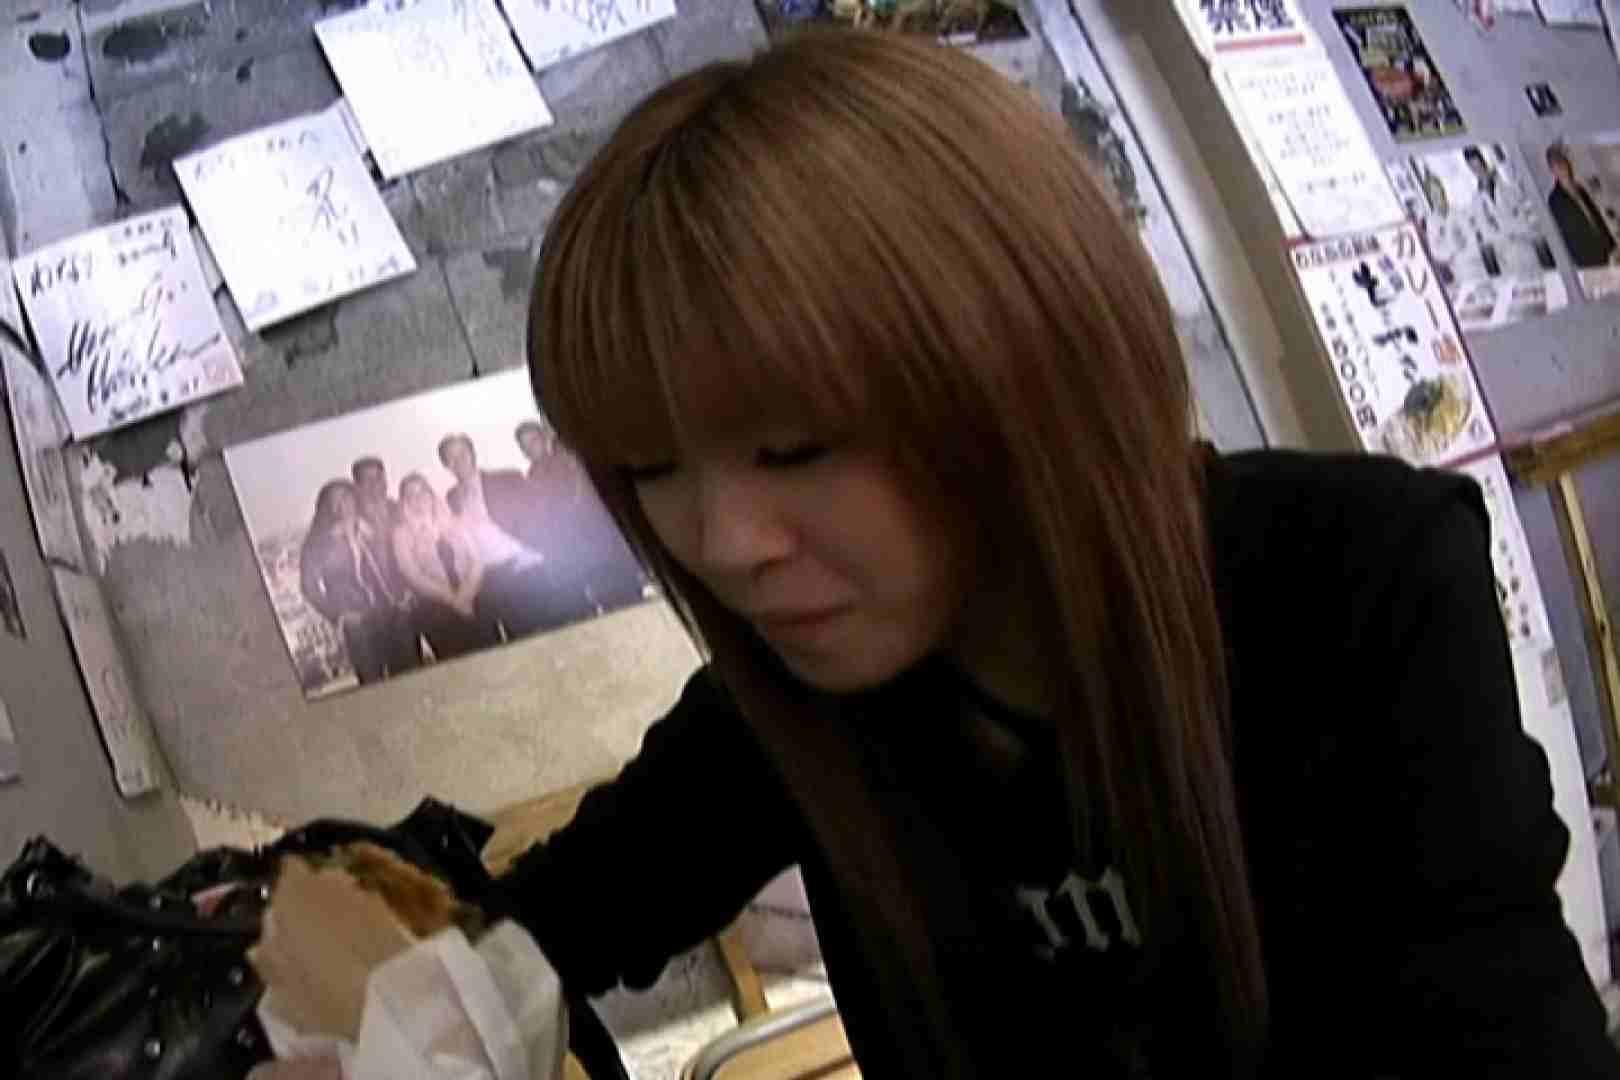 素人ナンパ本番撮り!出会い系でGET!Vol.08 ホテル隠し撮り AV動画キャプチャ 105pic 89